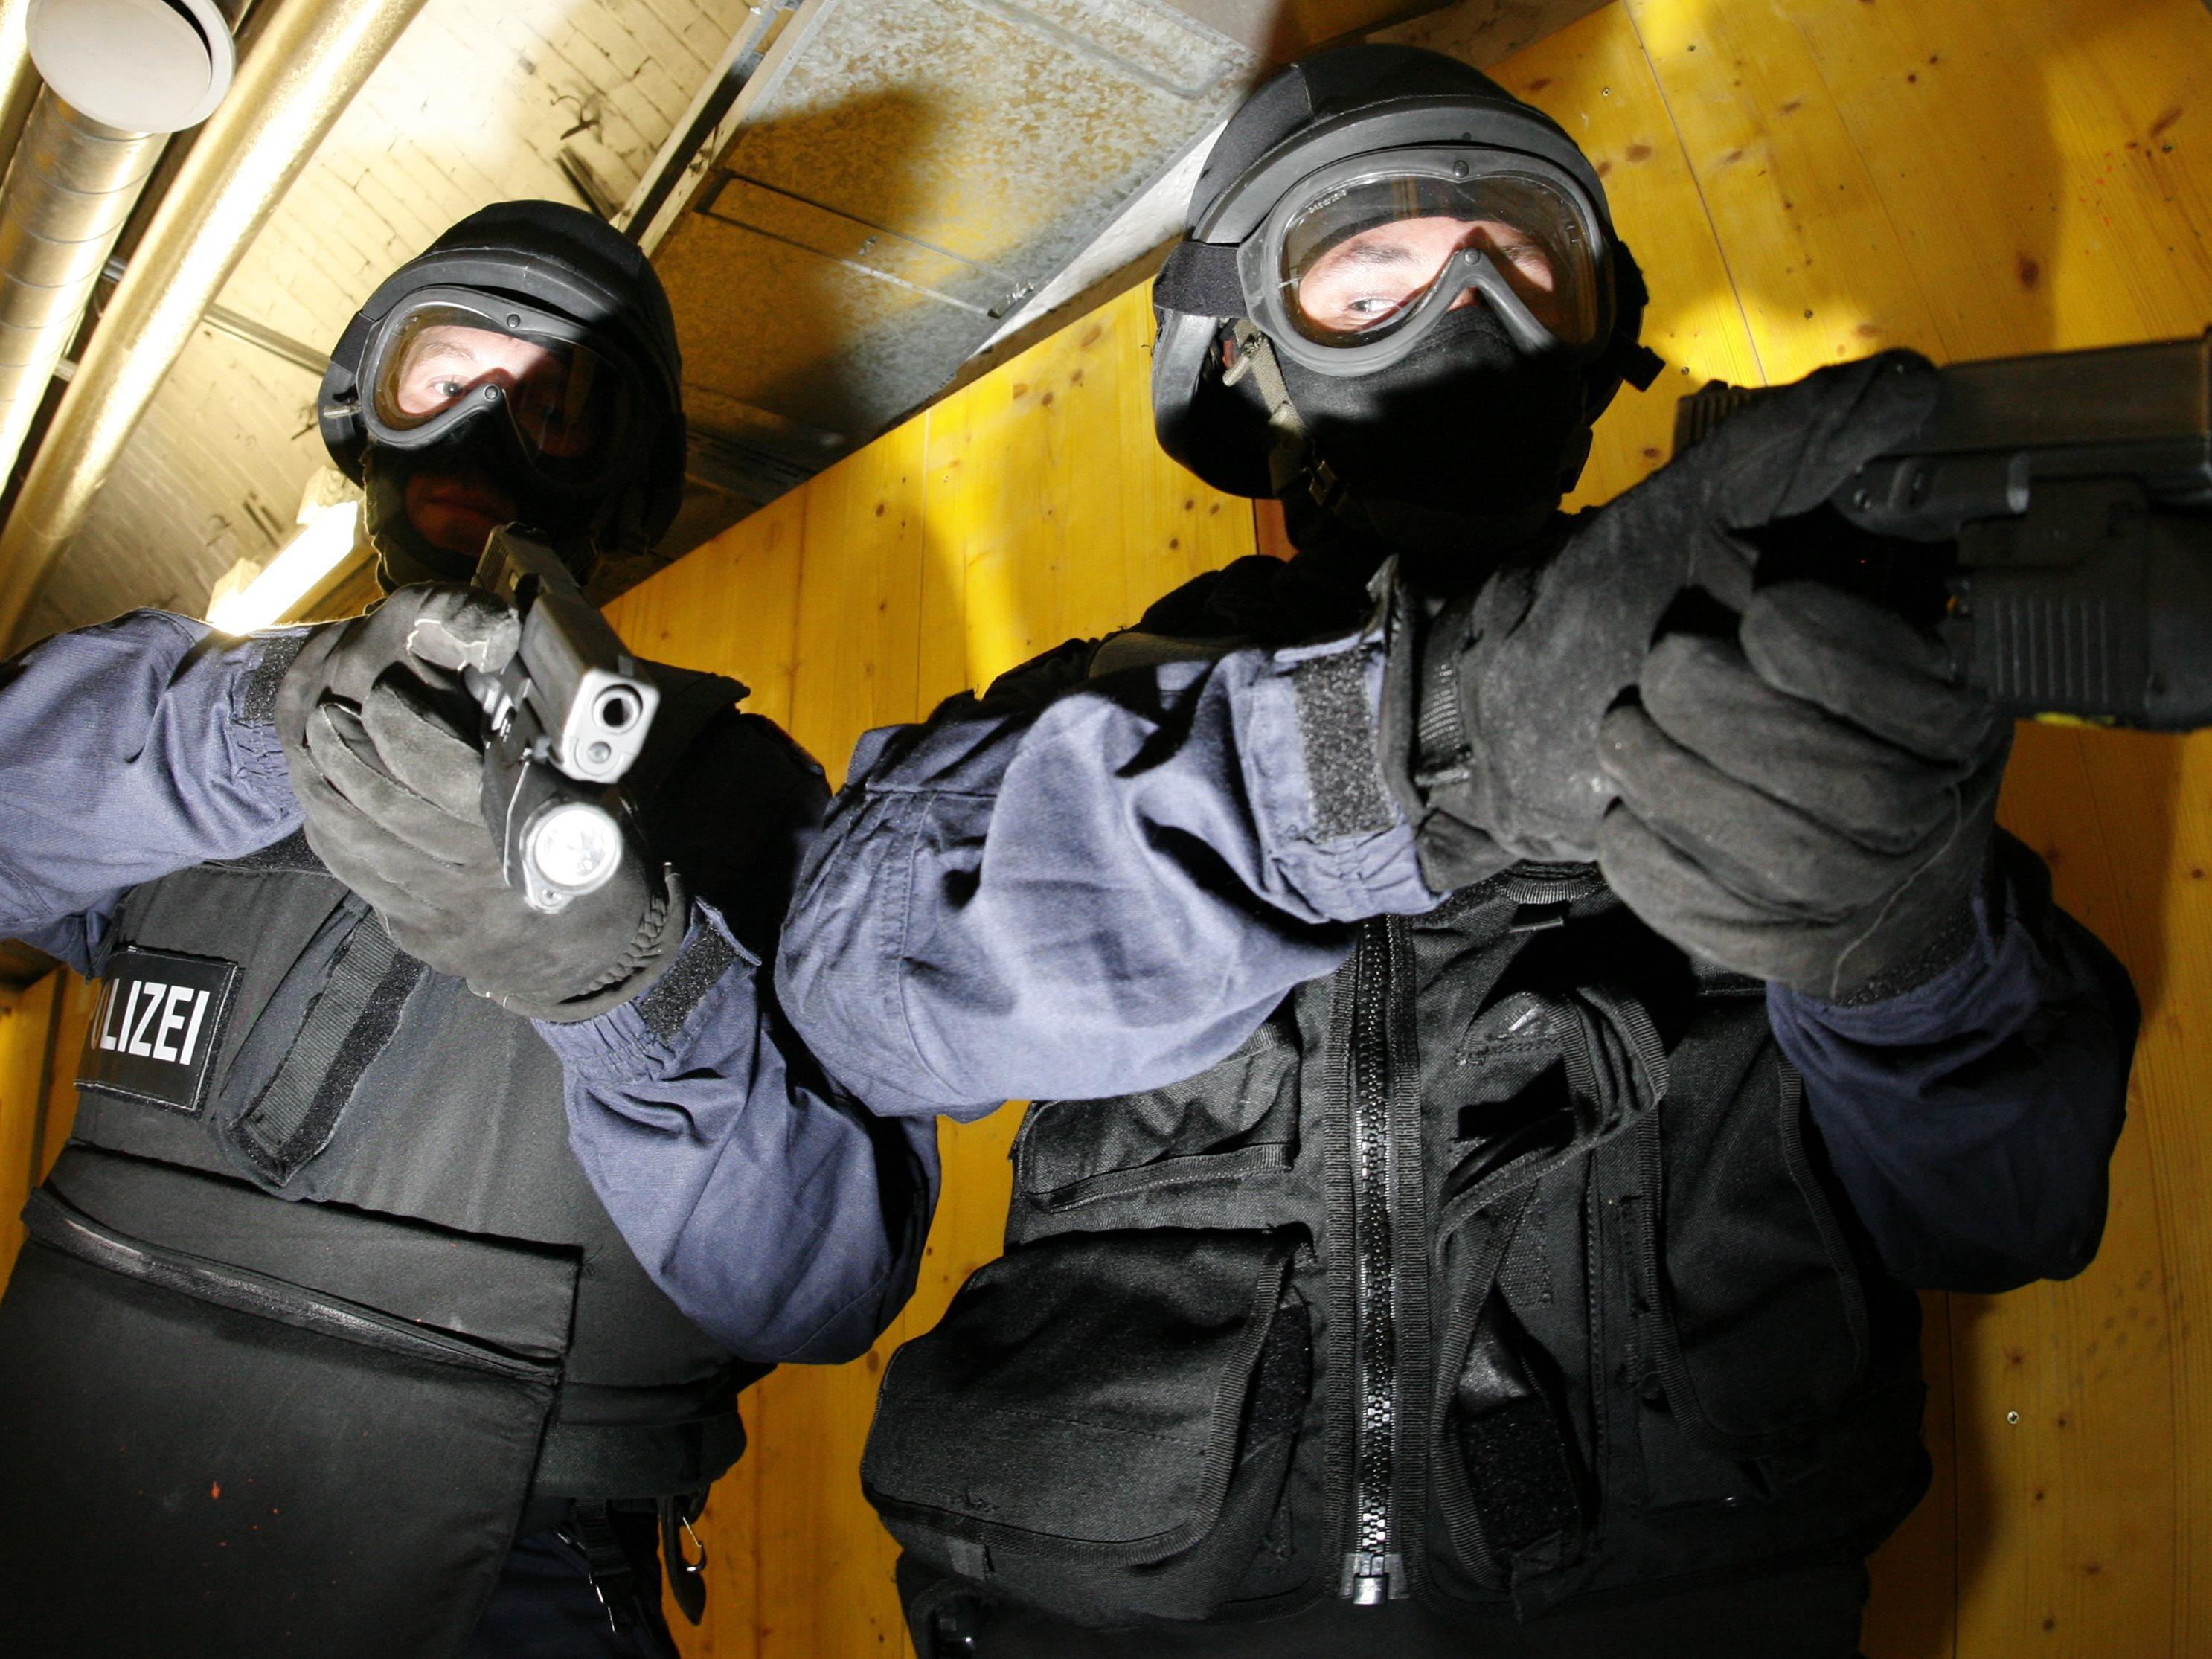 Schüssen in Favoriten riefen die Spezialeinheit WEGA auf den Plan